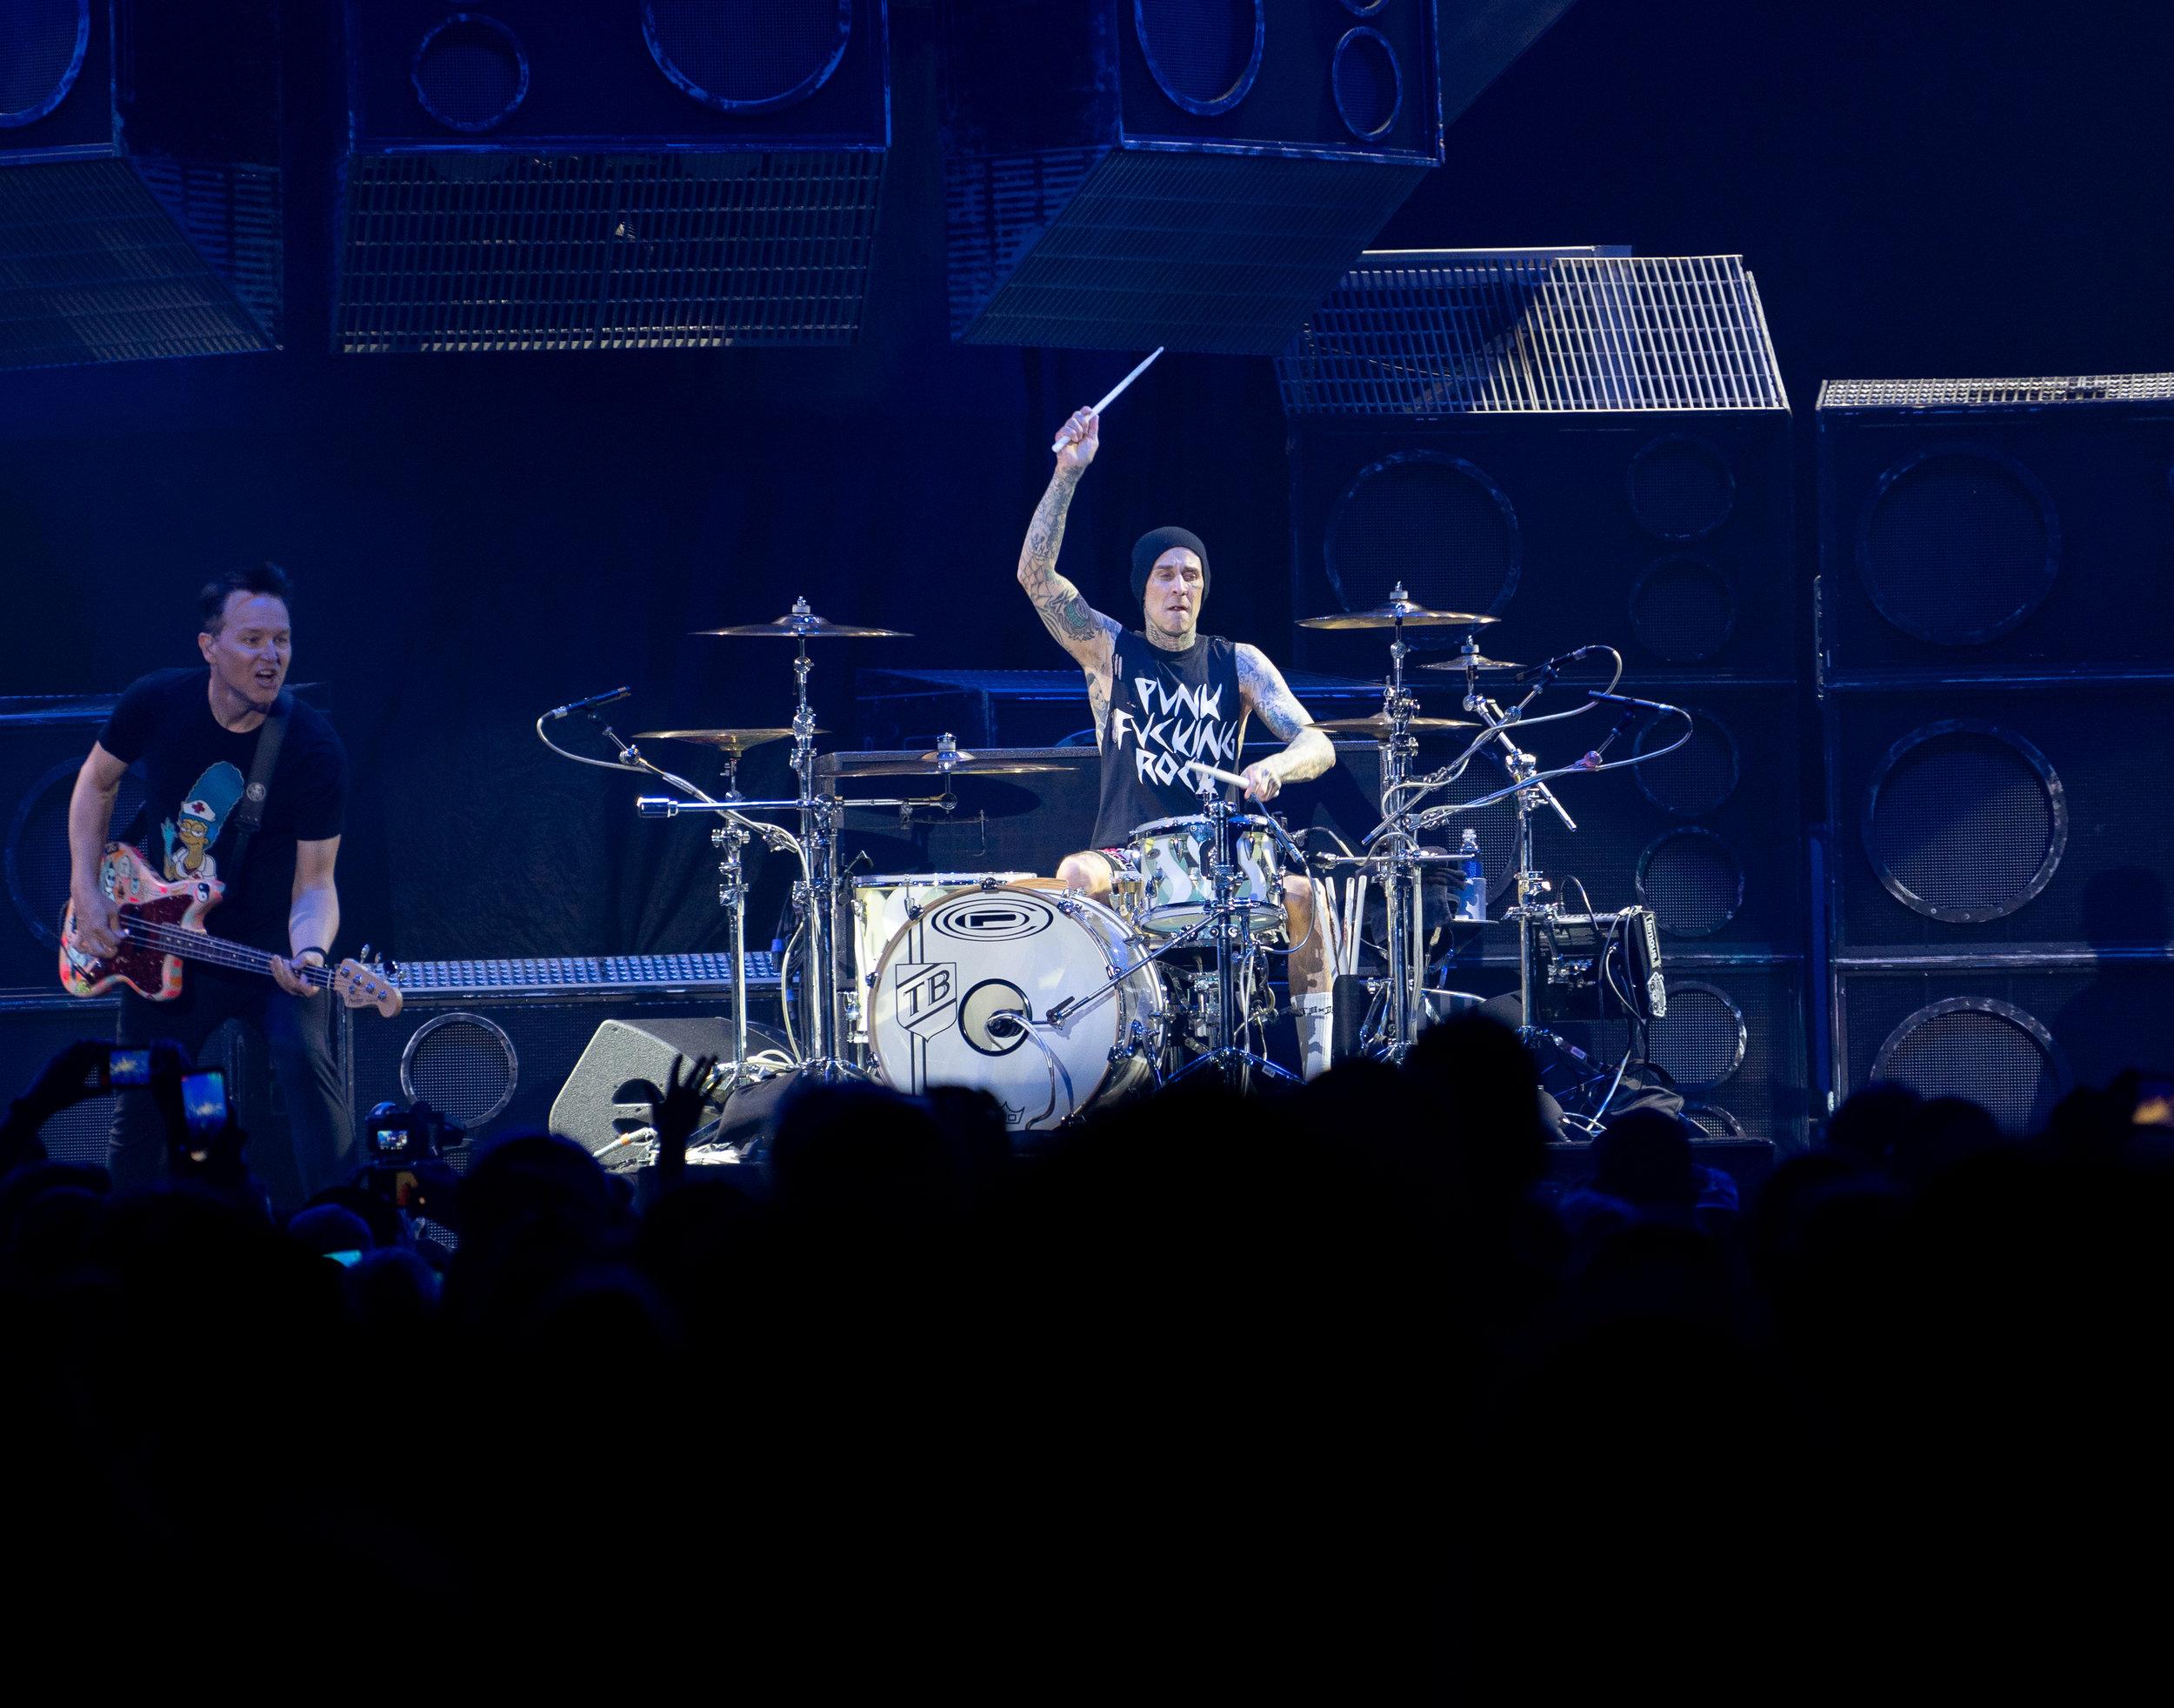 Blink-182-6.jpg